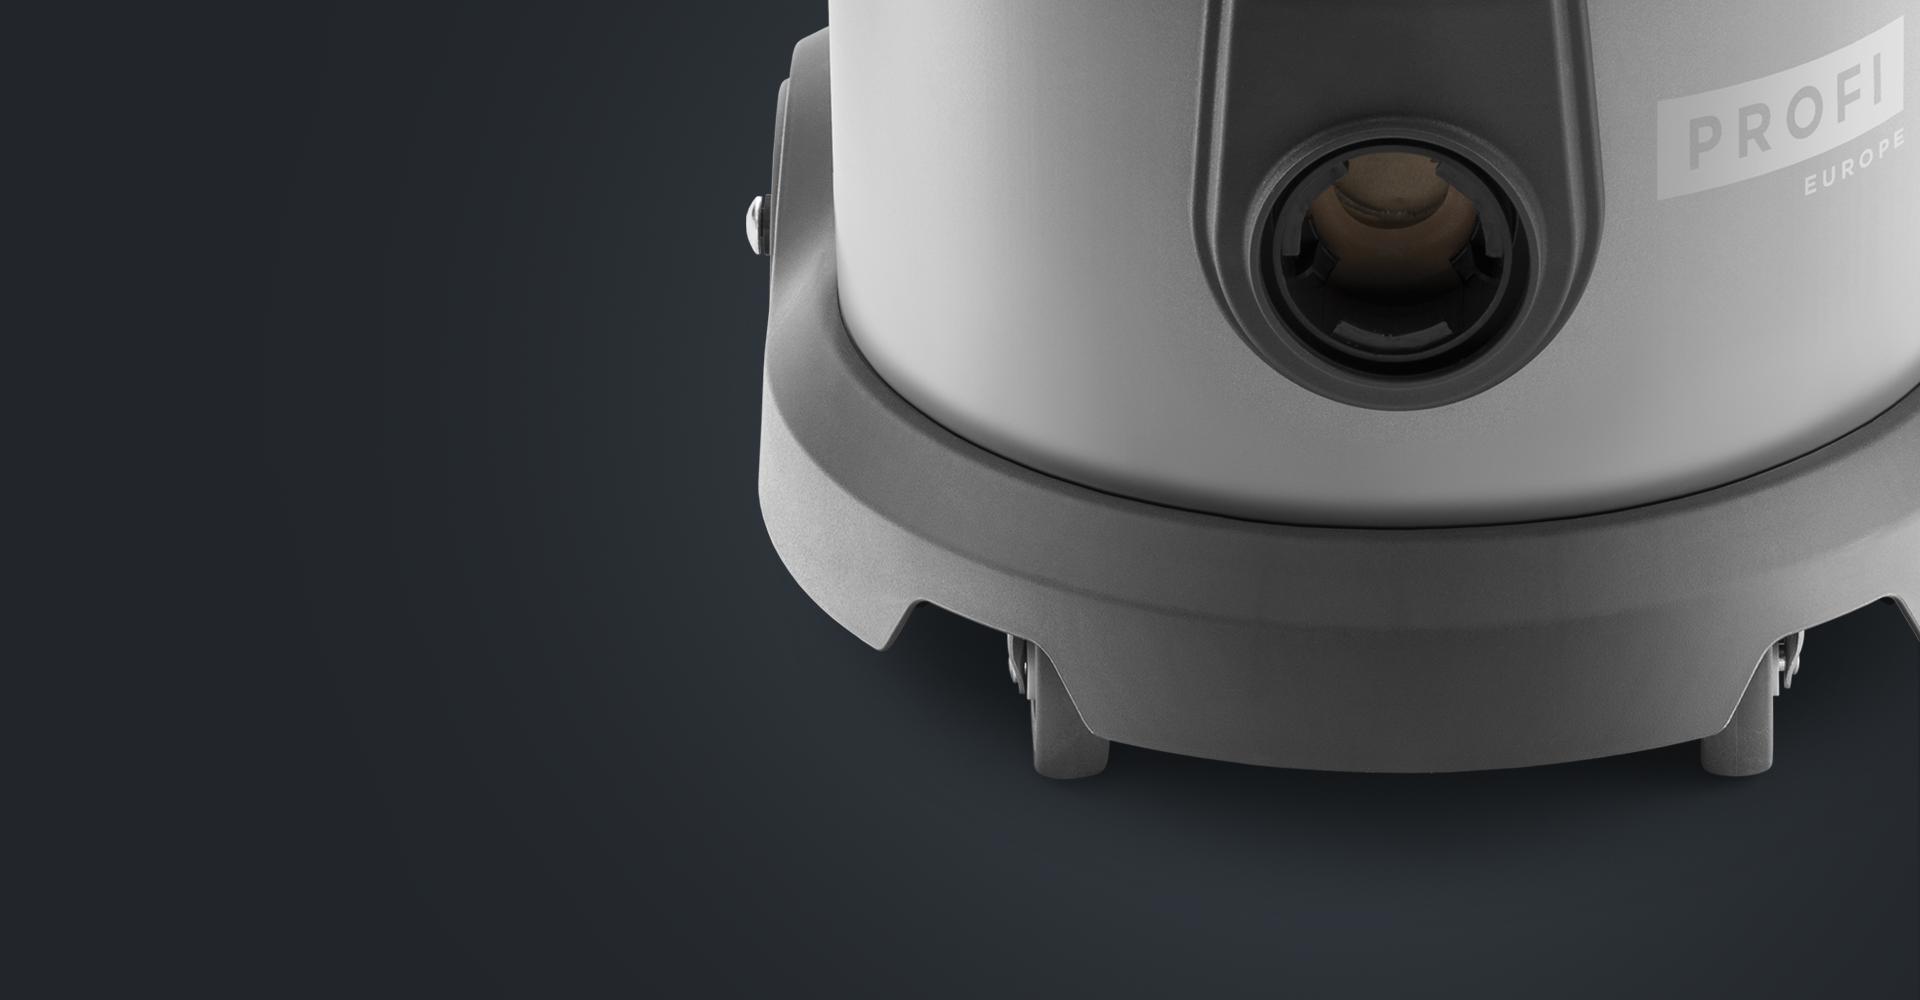 PROFI 5 vacuum cleaner